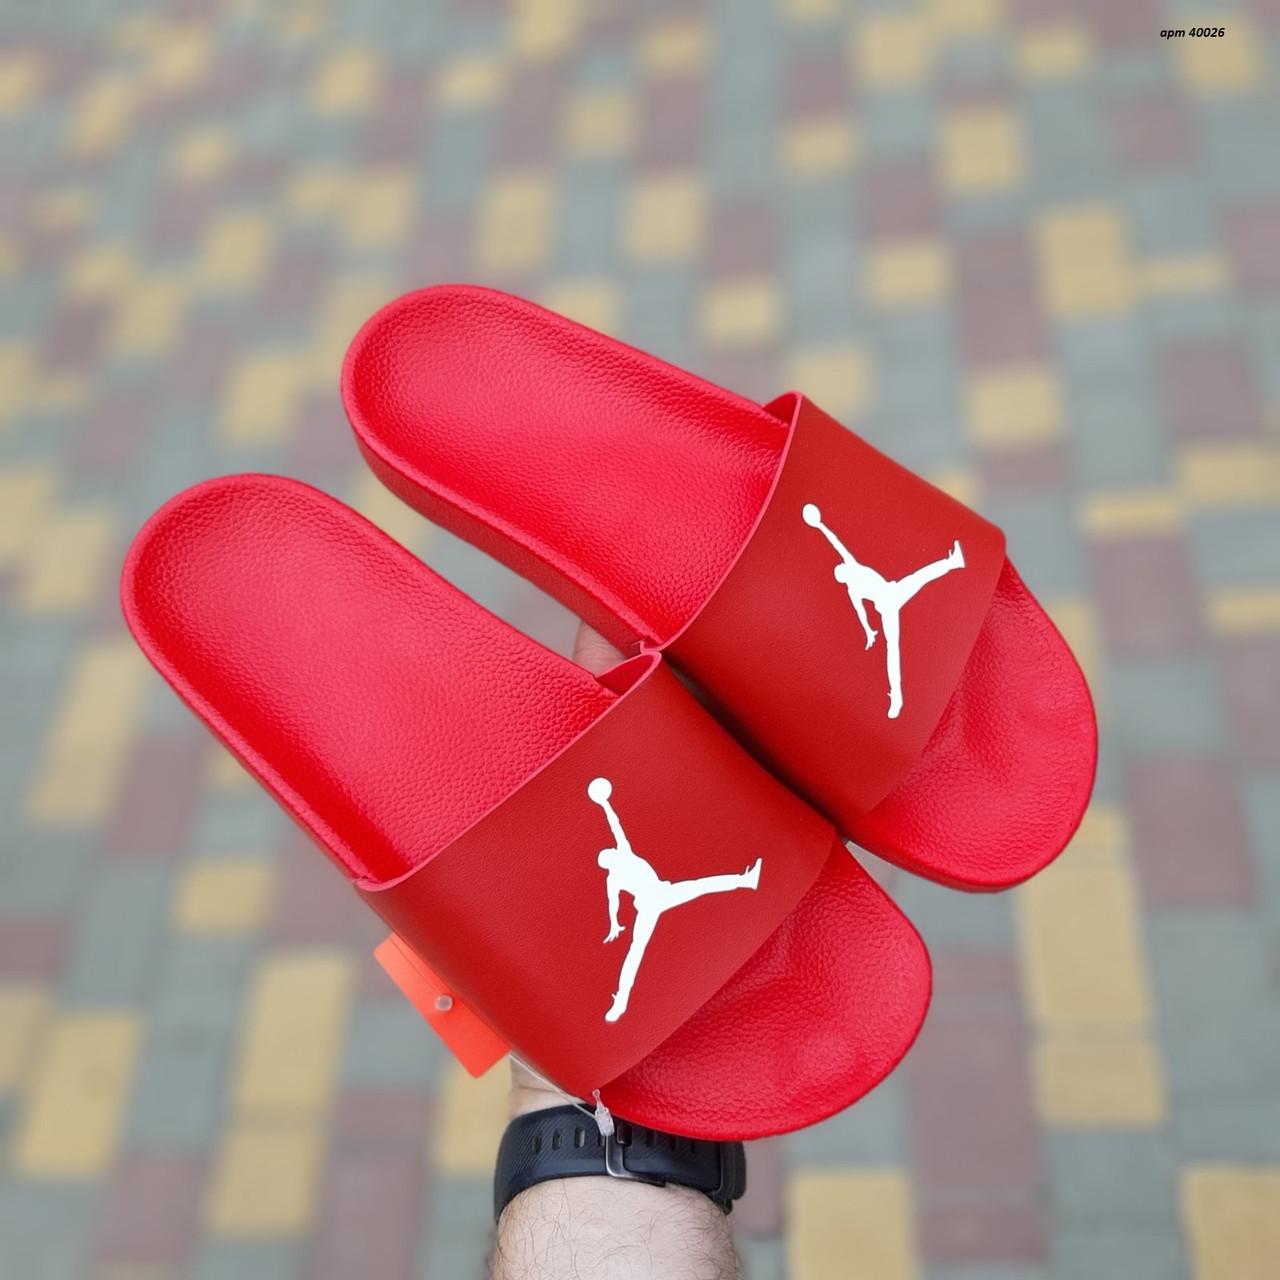 Мужские сланцы Jordan Red, Реплика